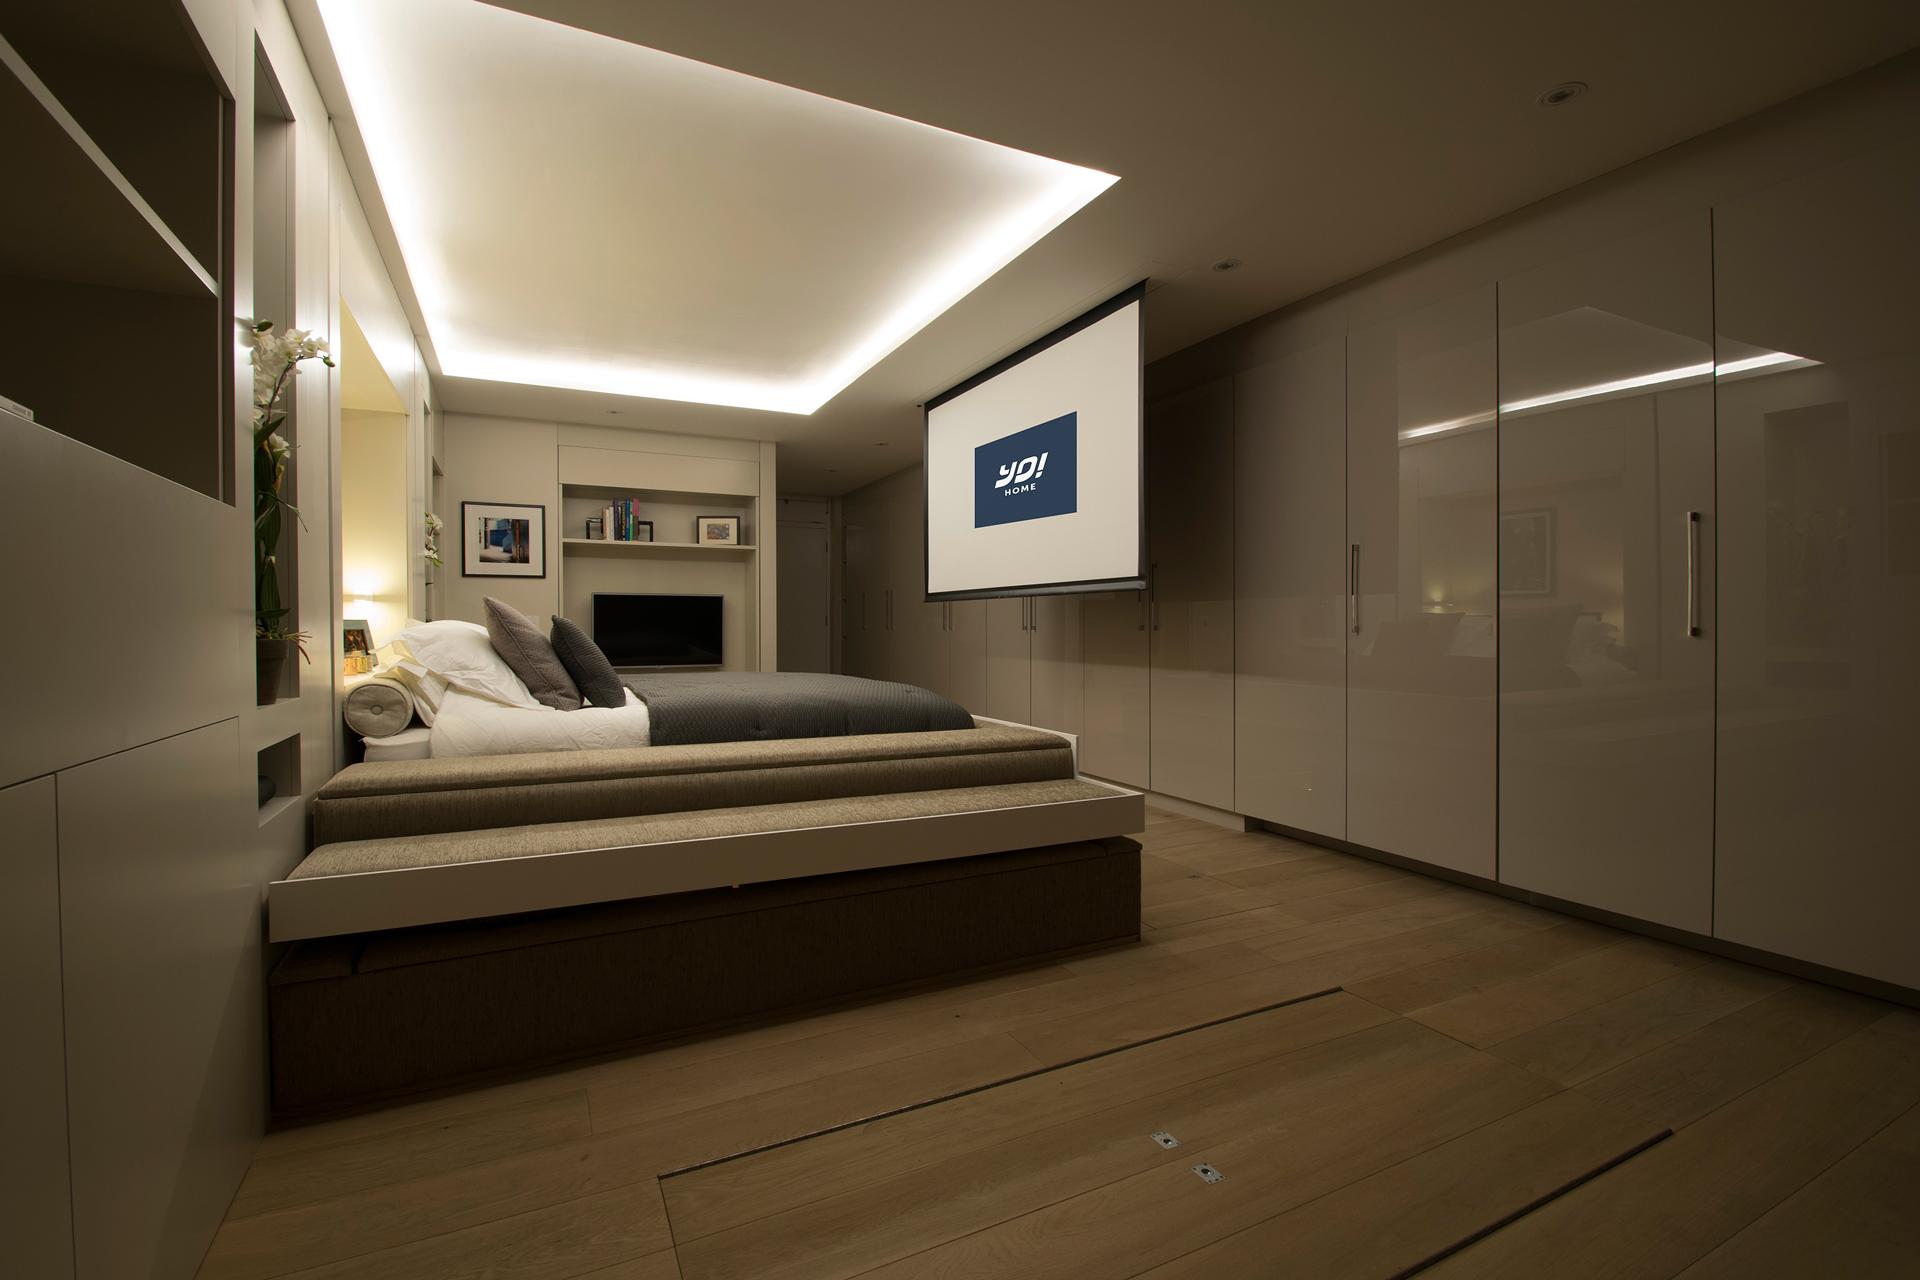 YO! Home-Salon-Ecran-Simon Woodroffe-Logement-luxe-convertible